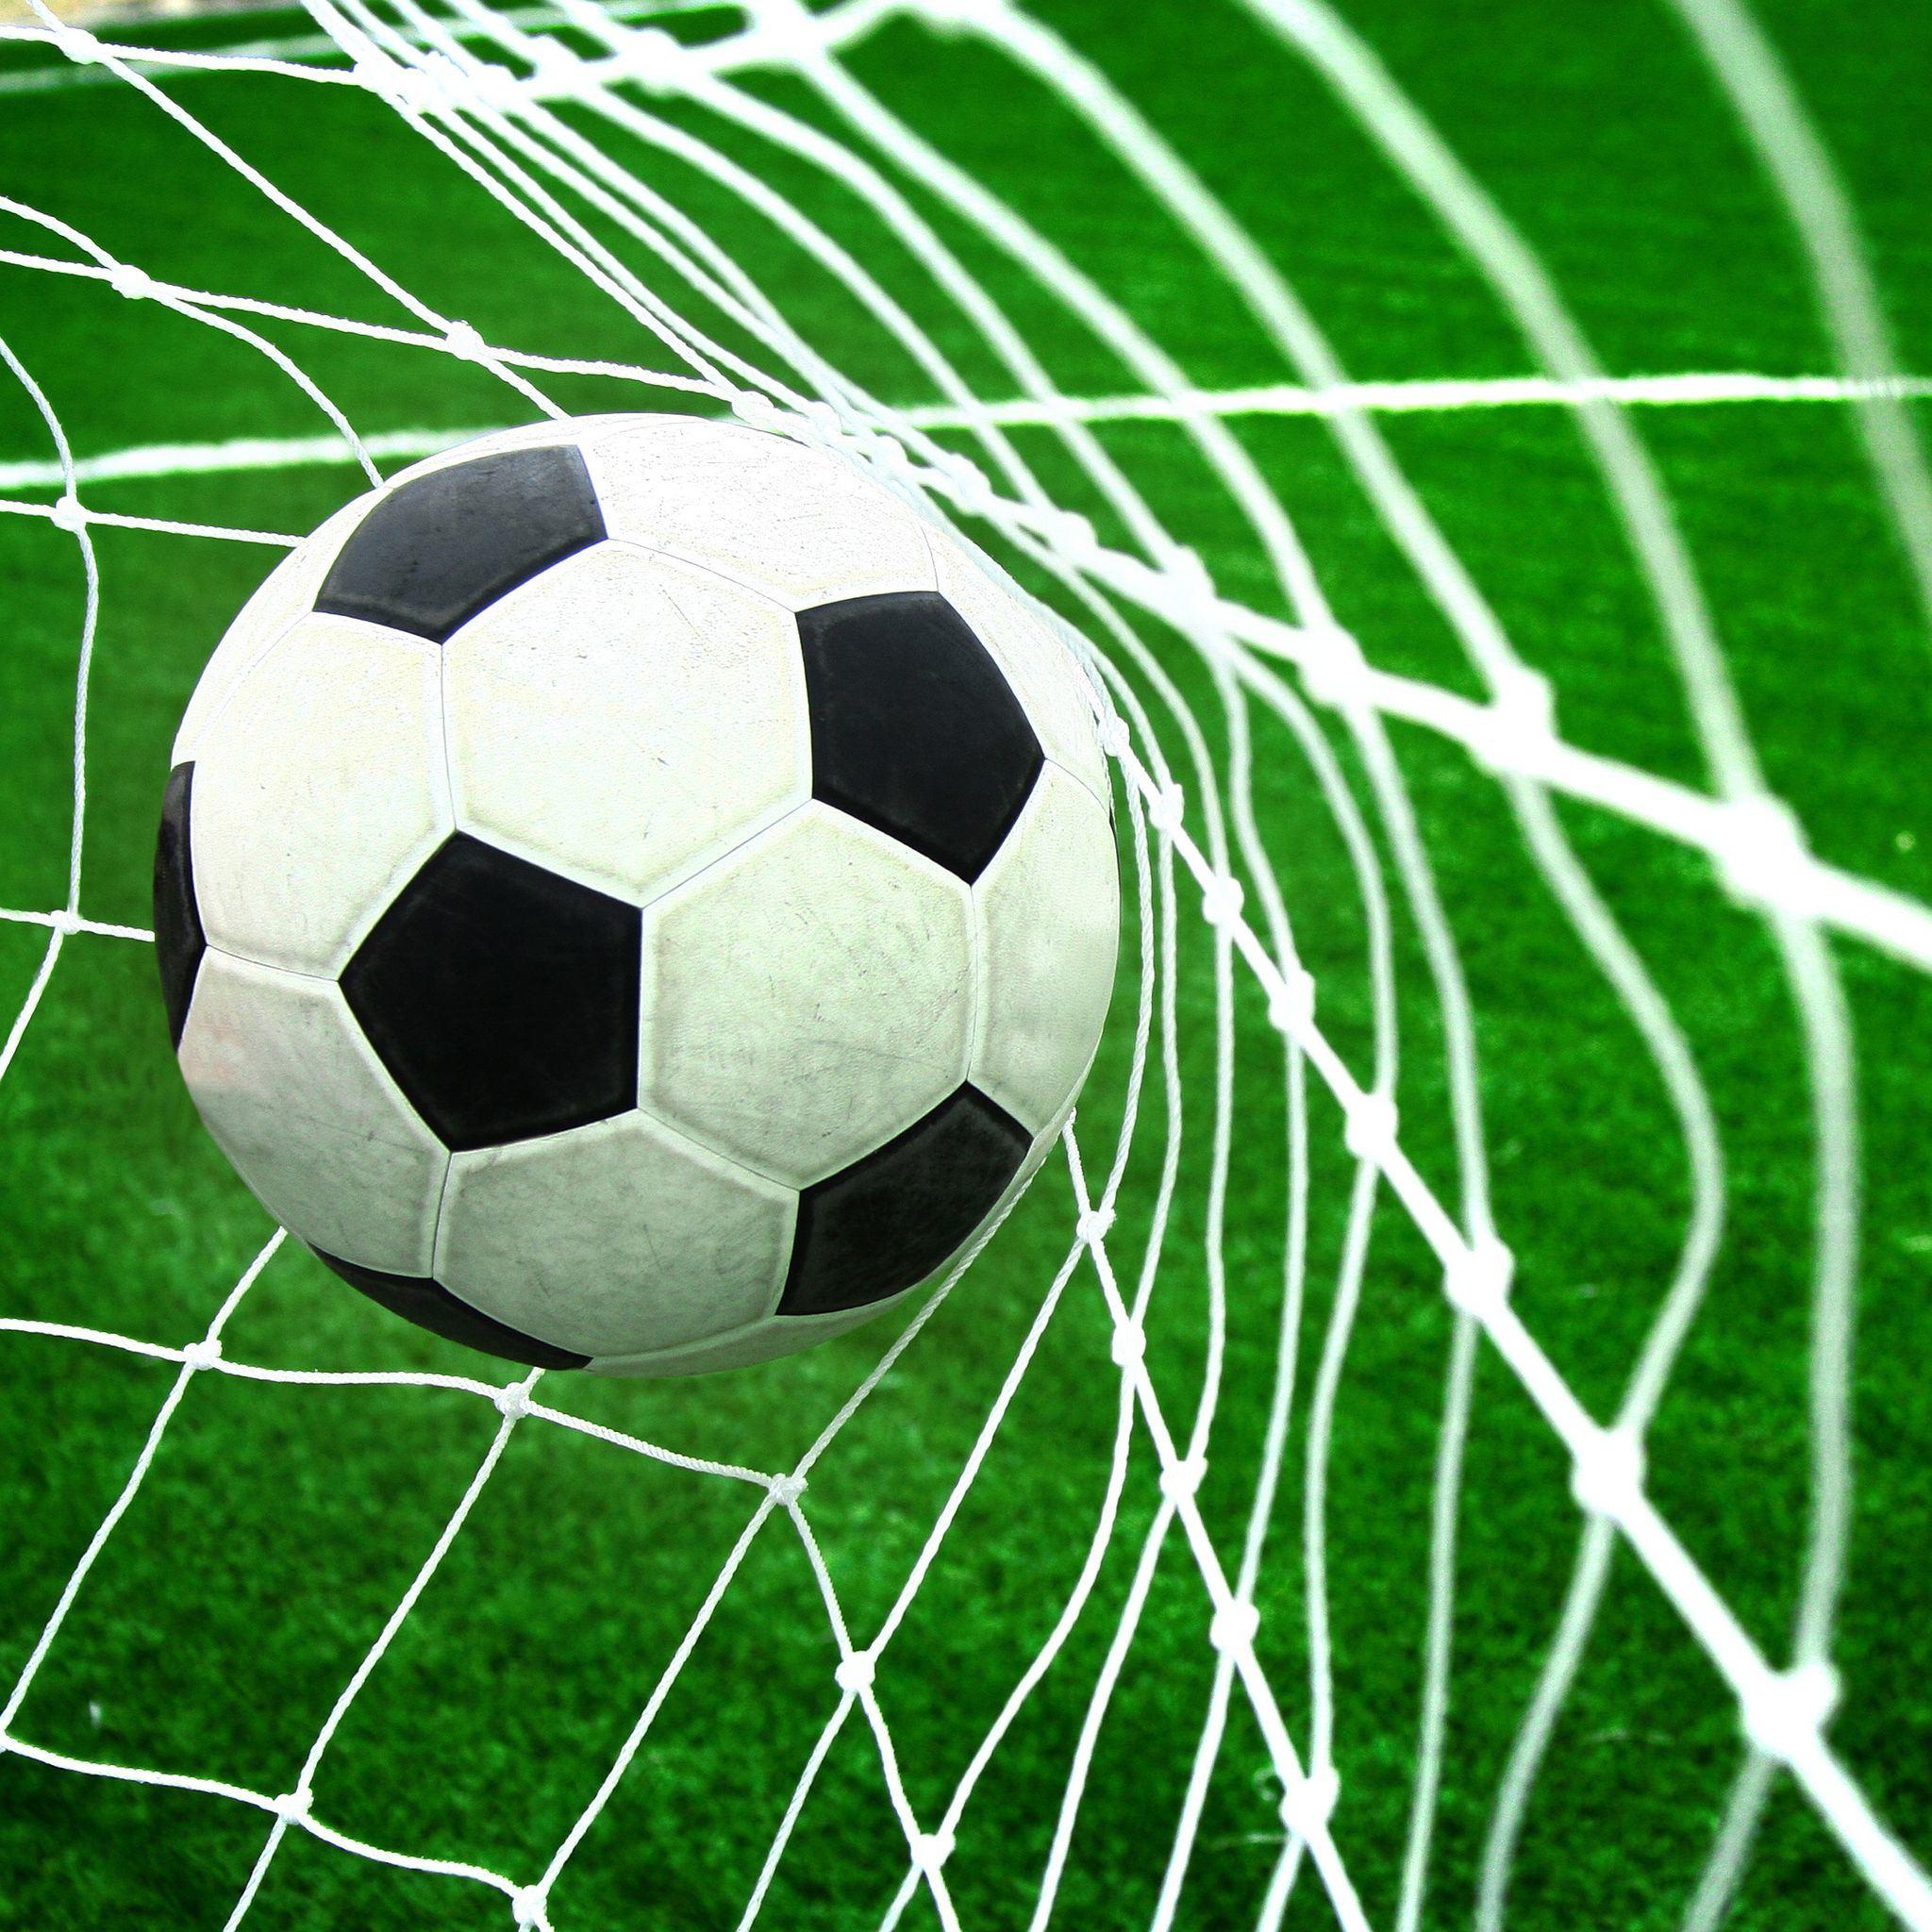 Euro 2012 Football Phrase: To chase shadows